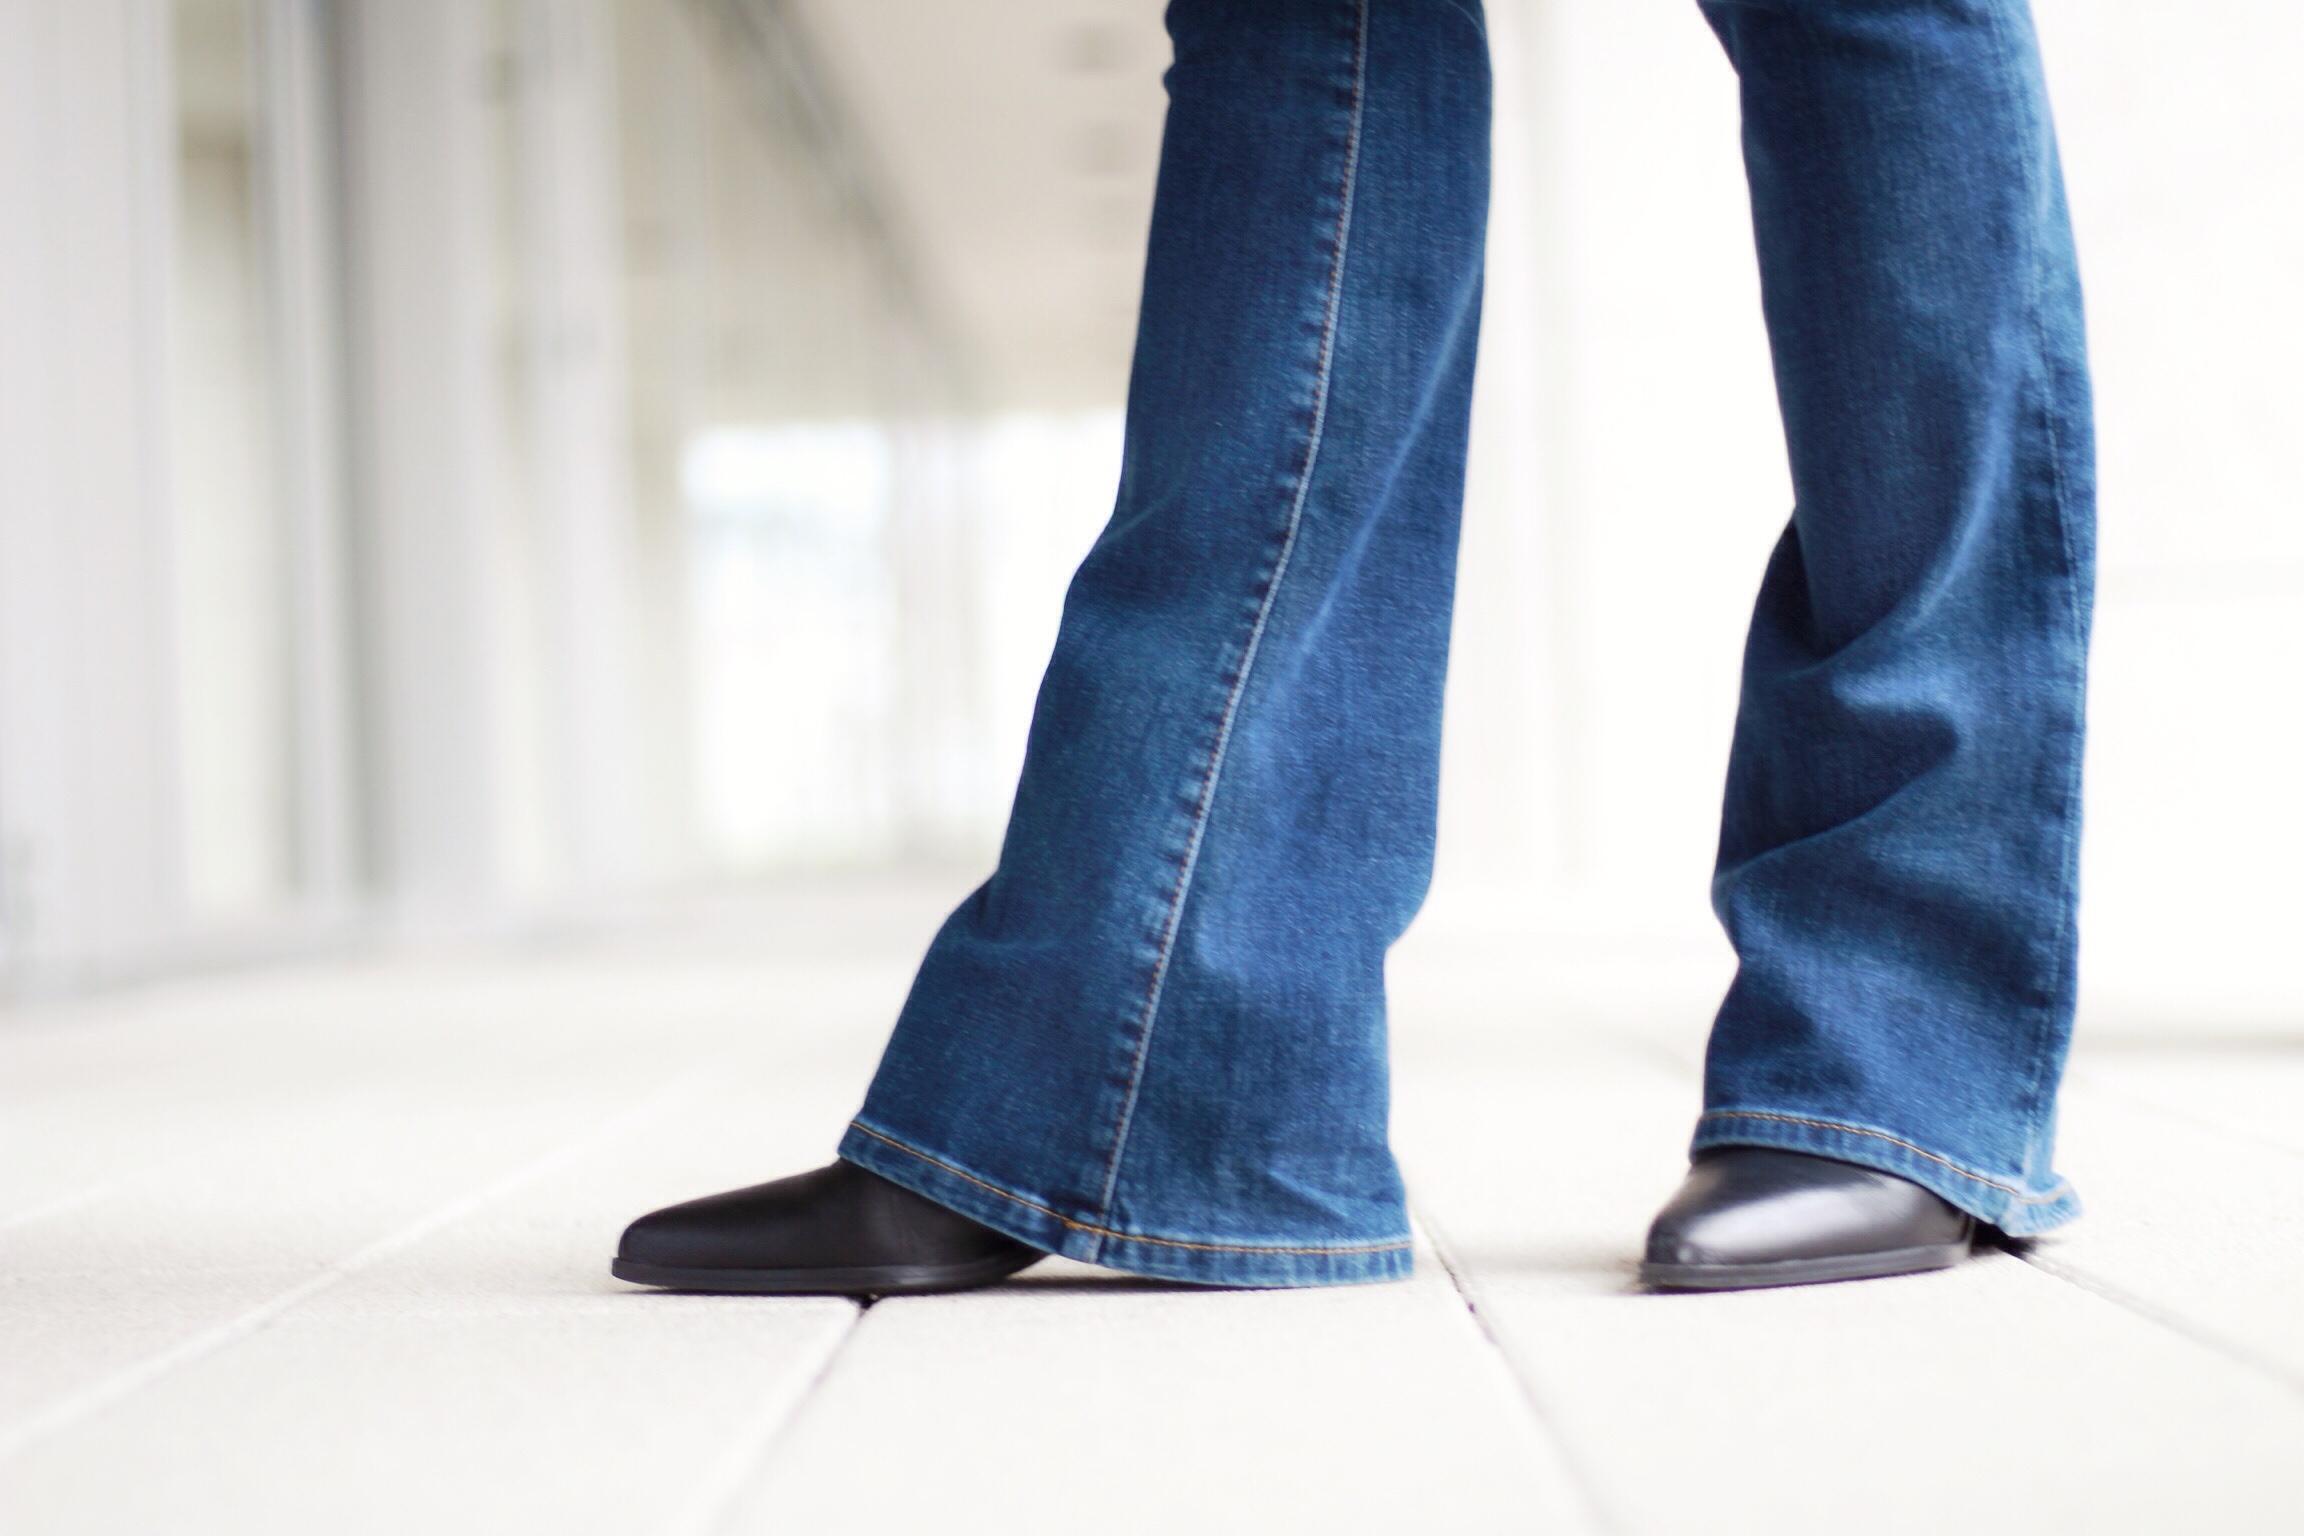 Schlaghose-Flared-Jeans-How-to-Wear-Céline-Tasche-Blog-Freiburg